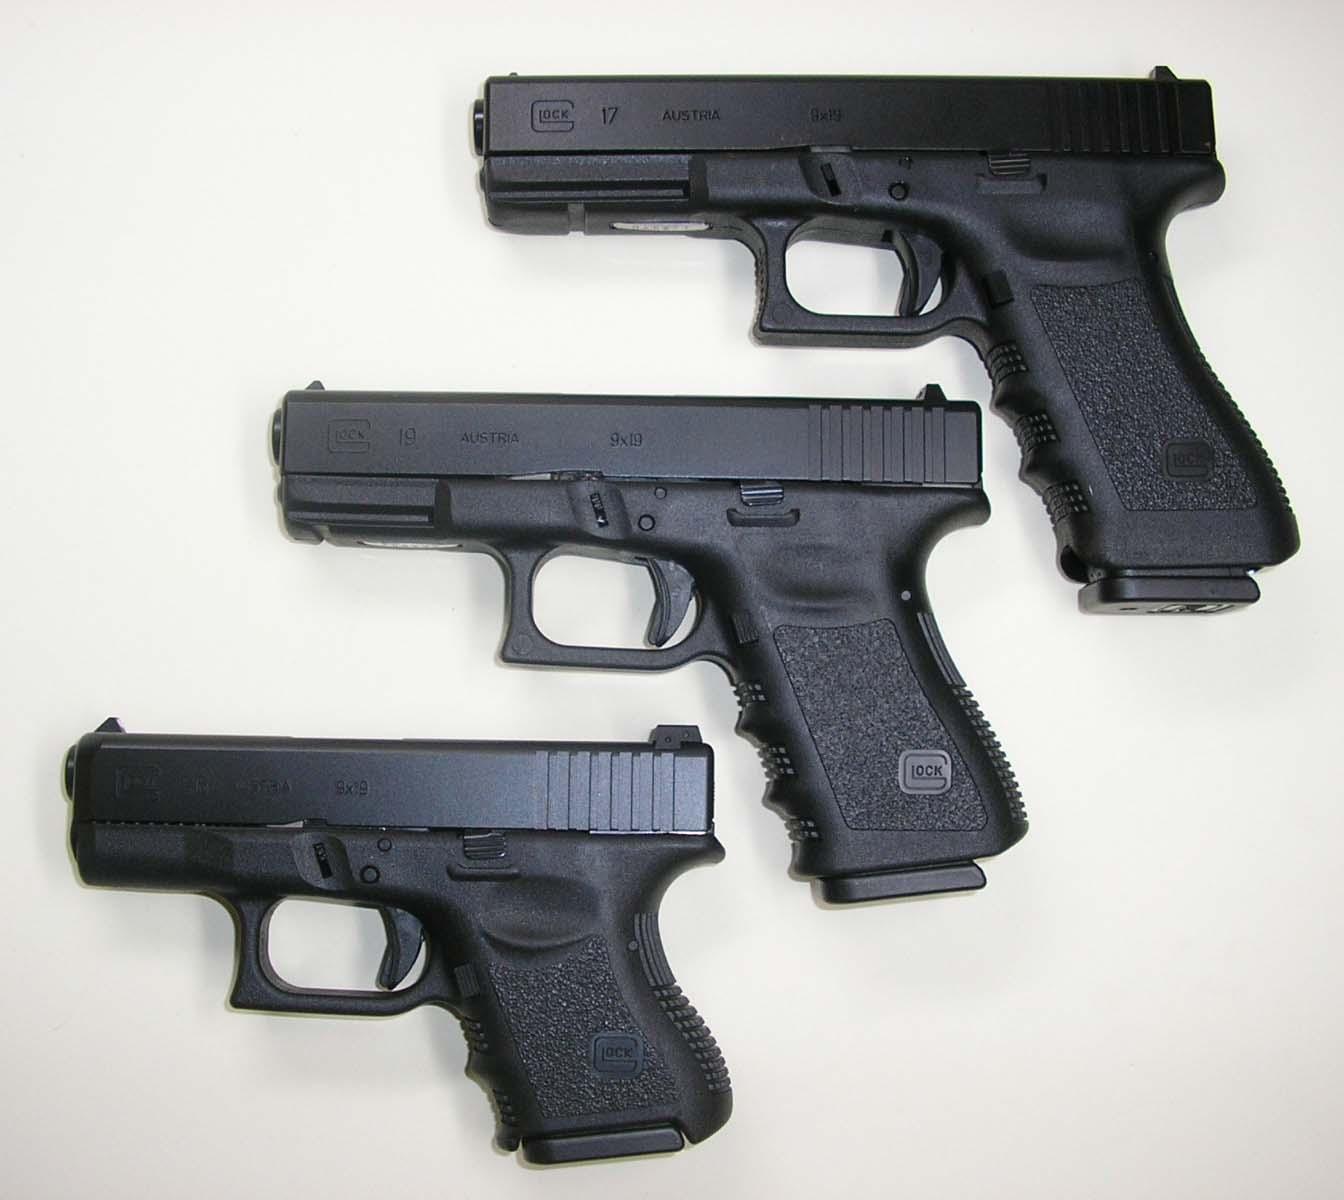 Glock 9mm | Criminal Minds Wiki | FANDOM powered by Wikia